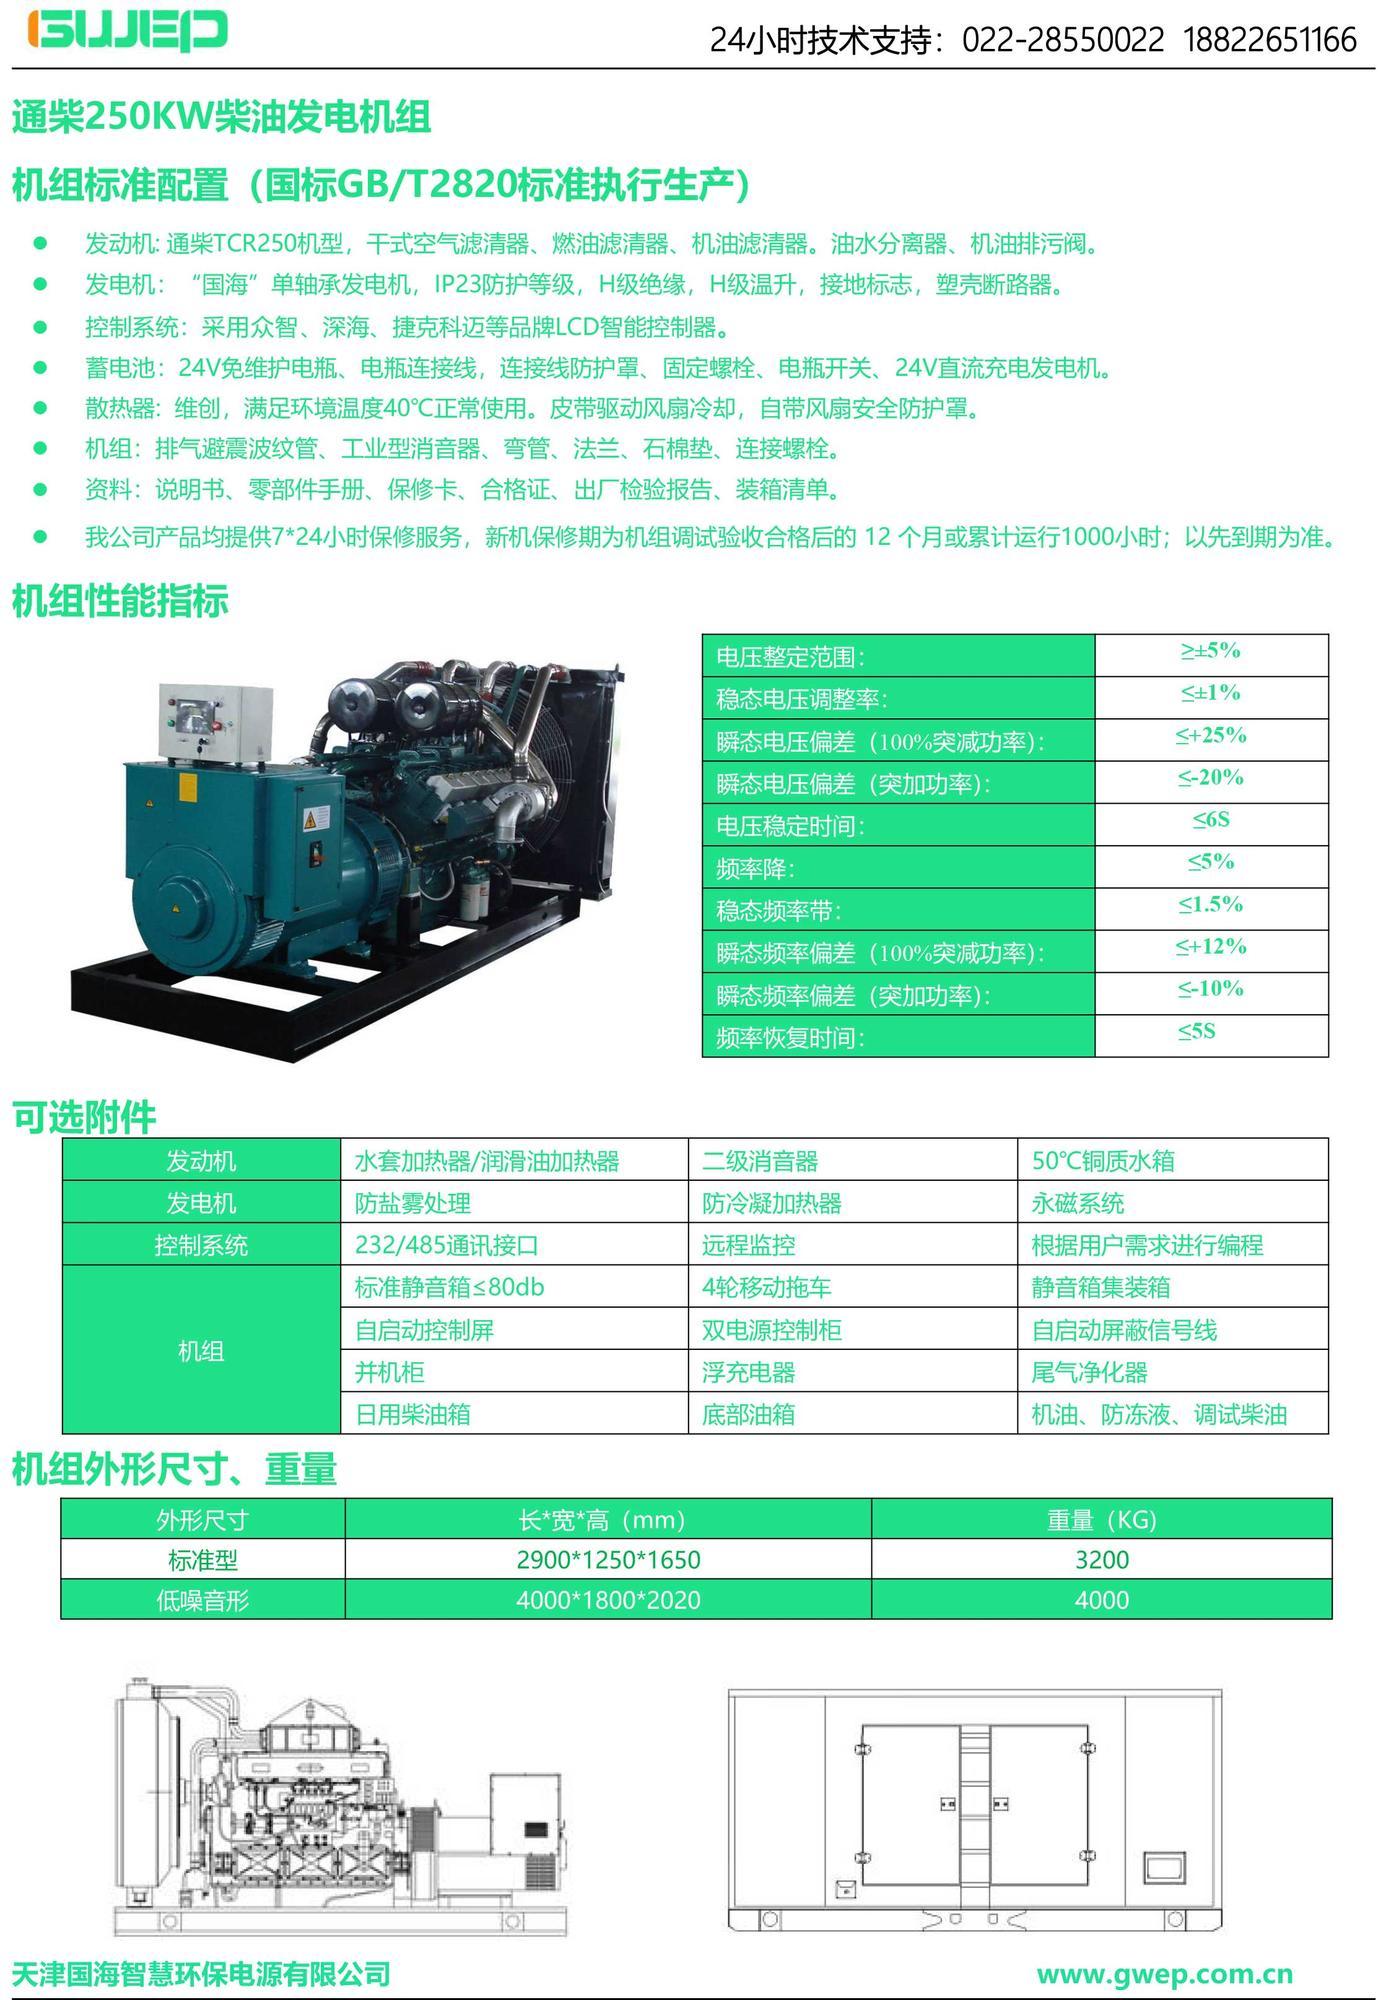 通柴250KW发电机组技术资料-1.jpg